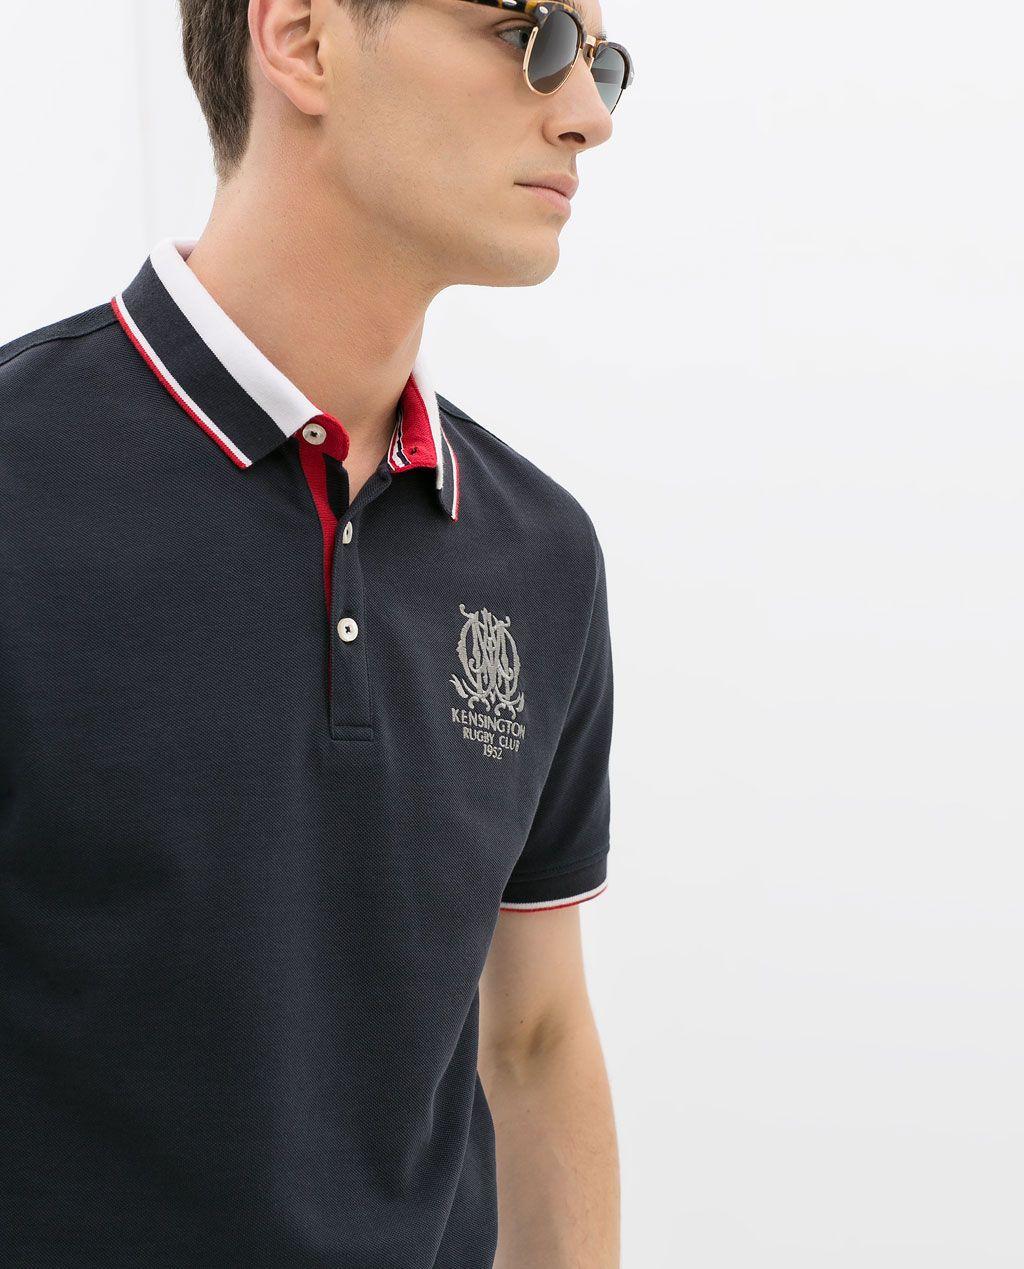 ZARA - HOMBRE - POLO PIQUÉ BORDADOS Camisetas Polo Hombre 1e4a039701312